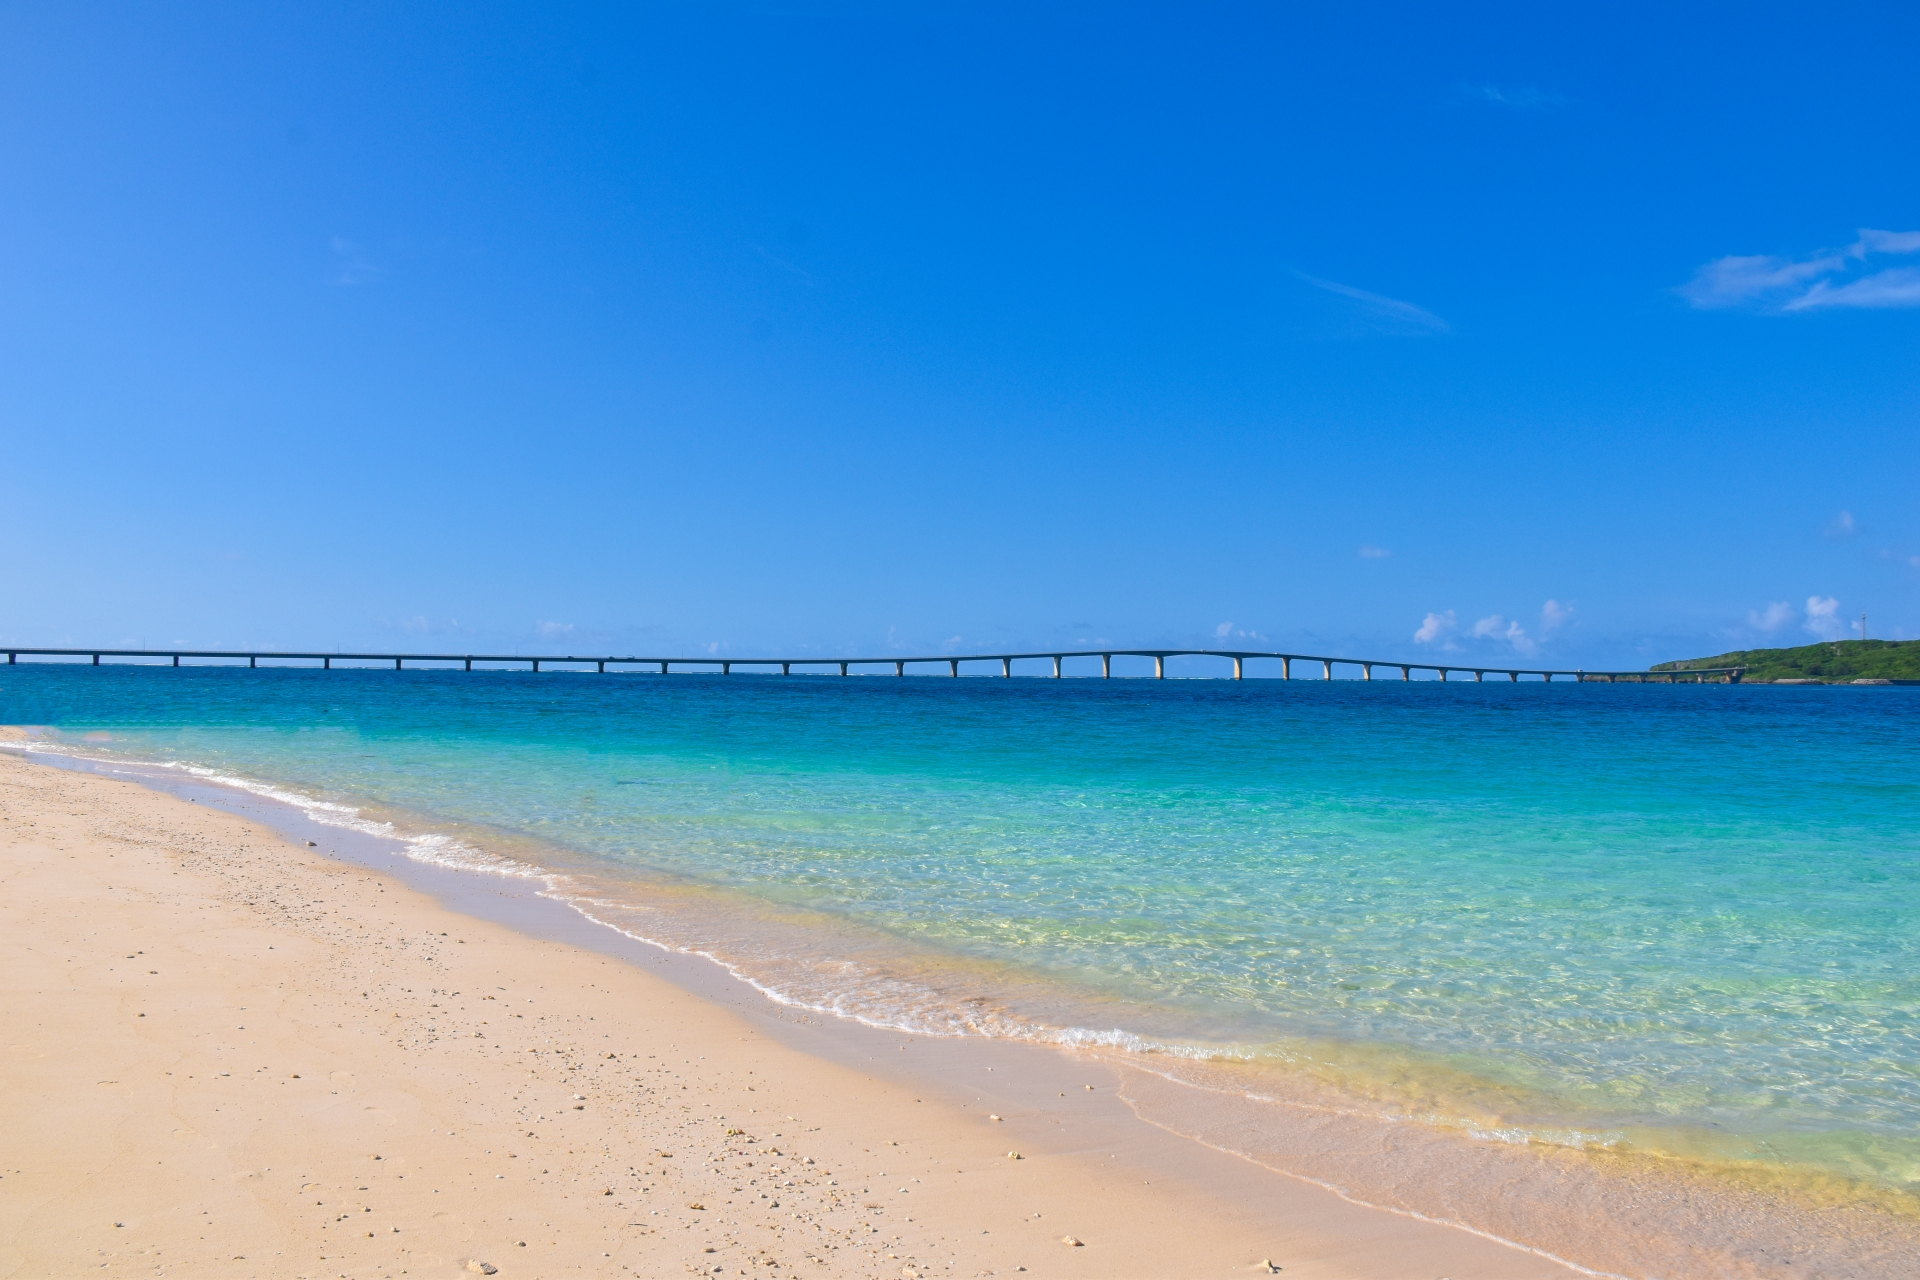 渡口の浜は白い砂浜が人気!伊良部島のおすすめビーチを紹介!